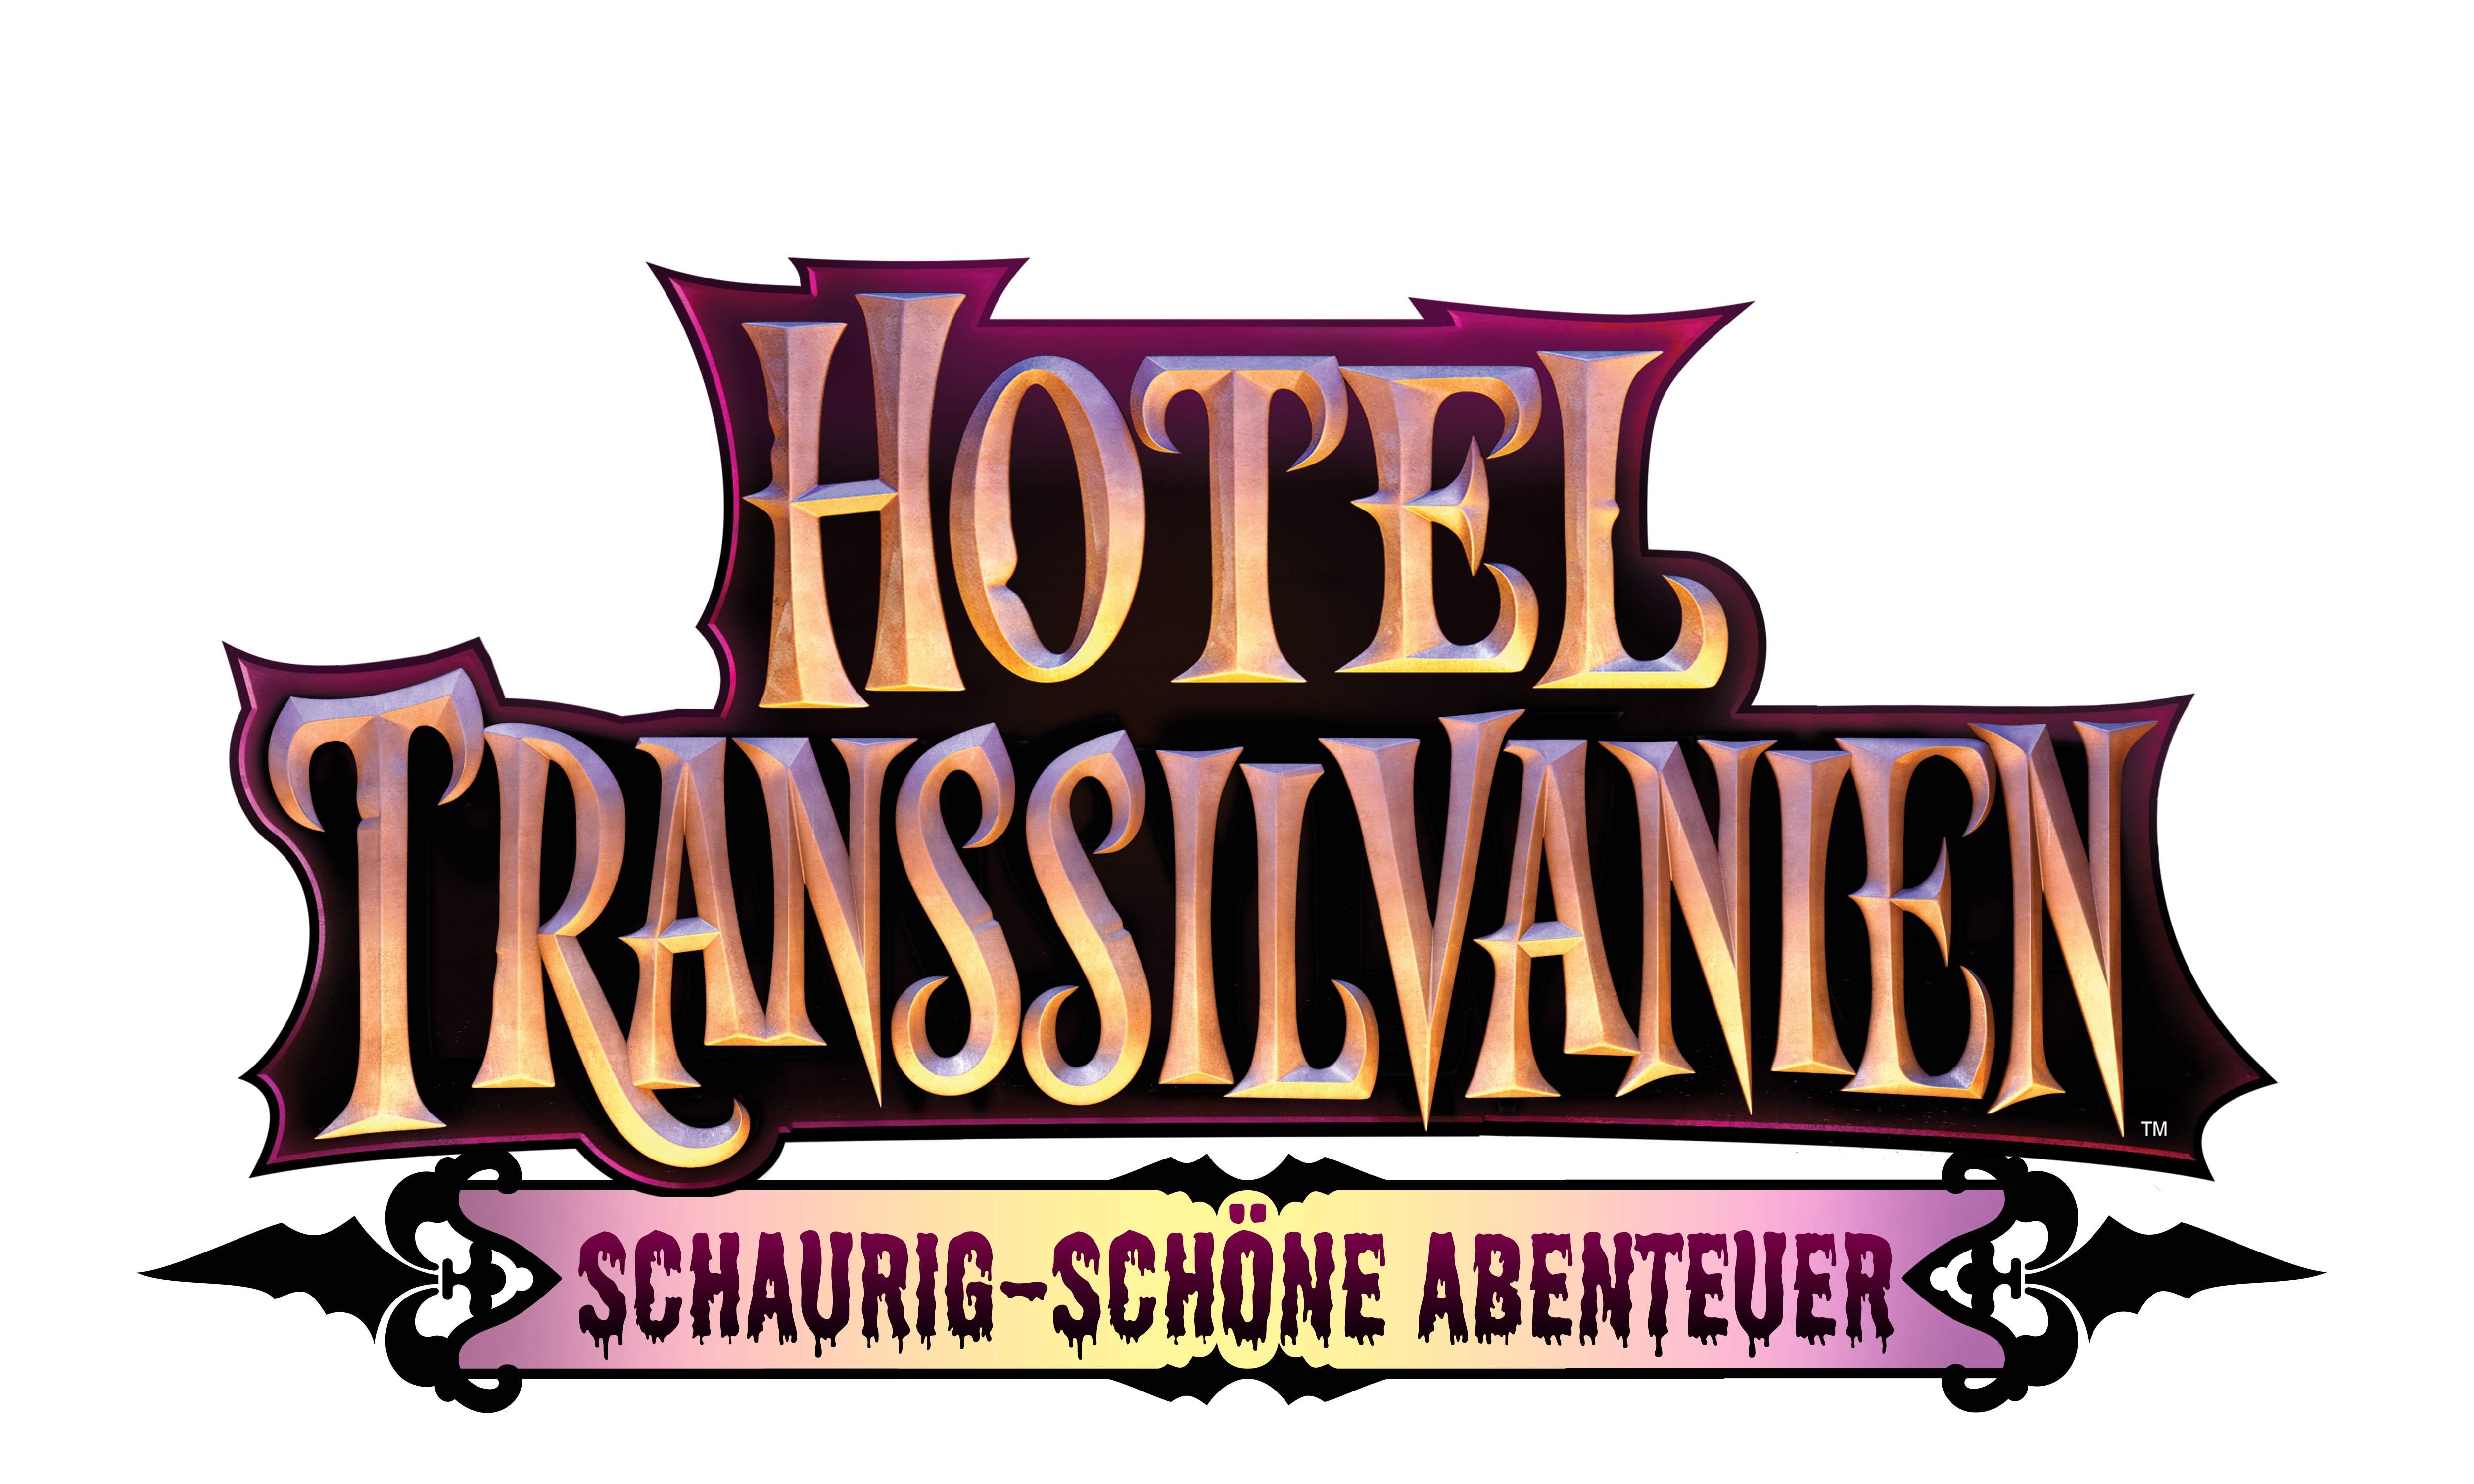 HOTEL TRANSYLVANIA: AVVENTURE DA PAURA ARRIVA SU CONSOLE E PC